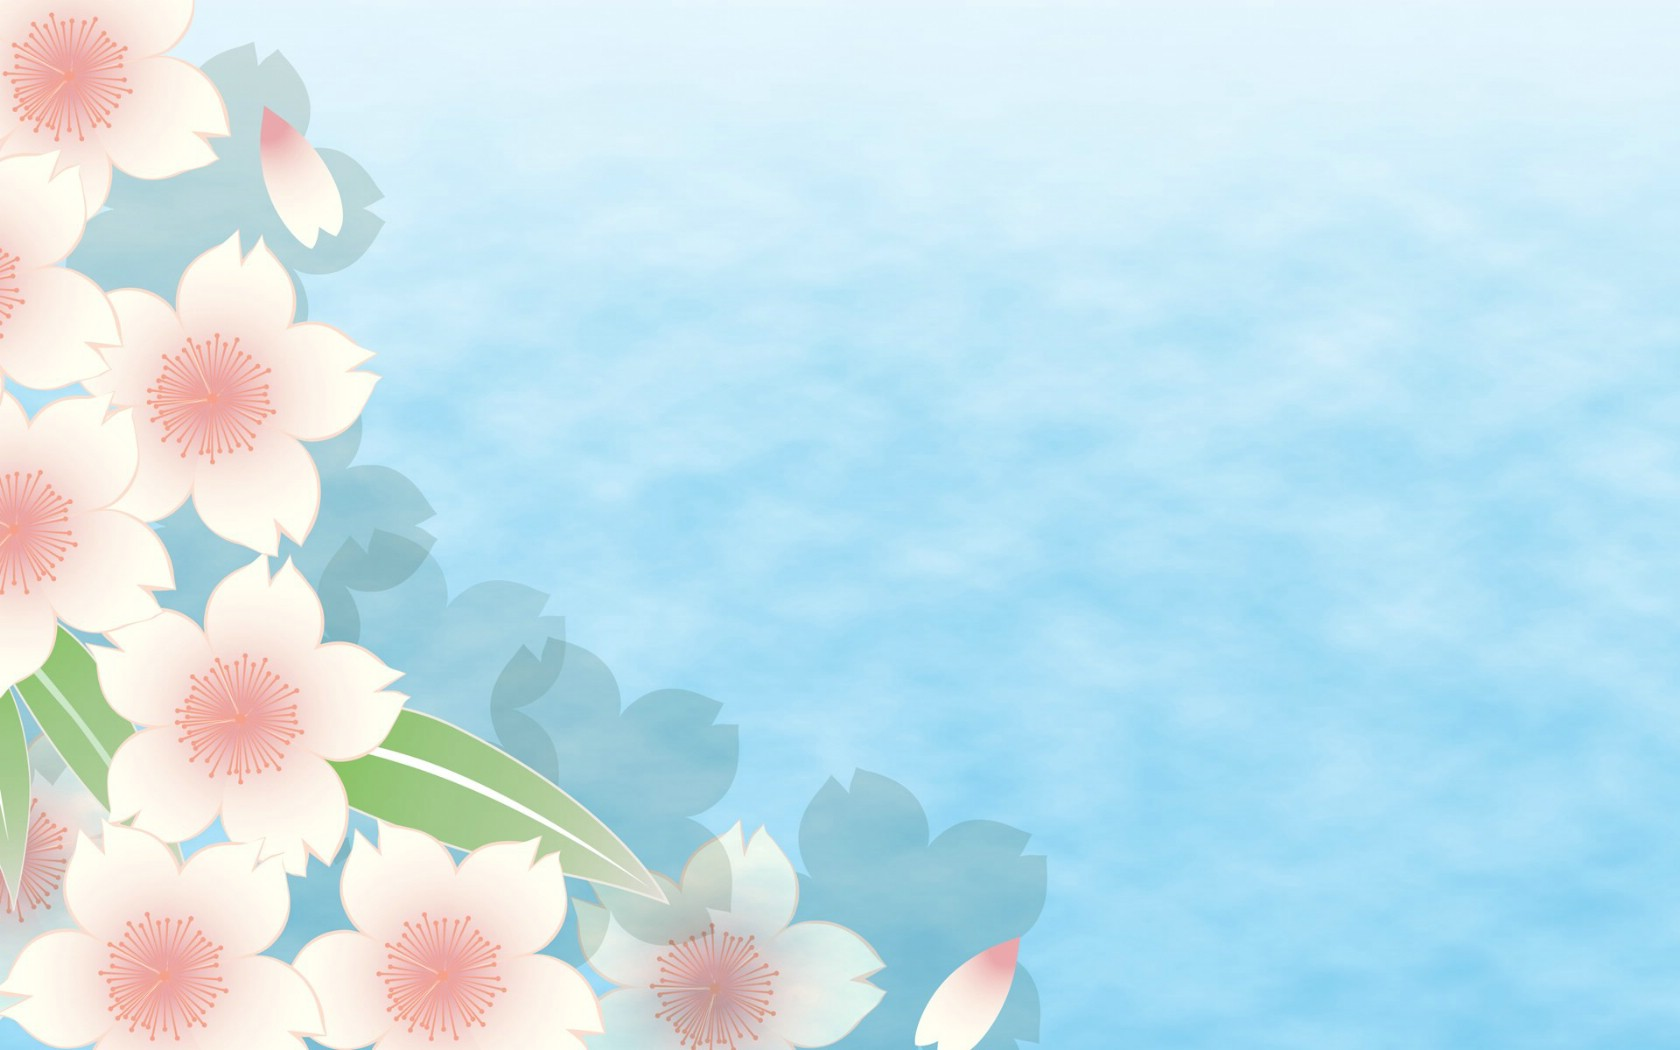 壁纸1680×1050淡雅系 花卉背景图案设计壁纸 美丽碎花布 之 简洁淡雅系壁纸图片花卉壁纸花卉图片素材桌面壁纸